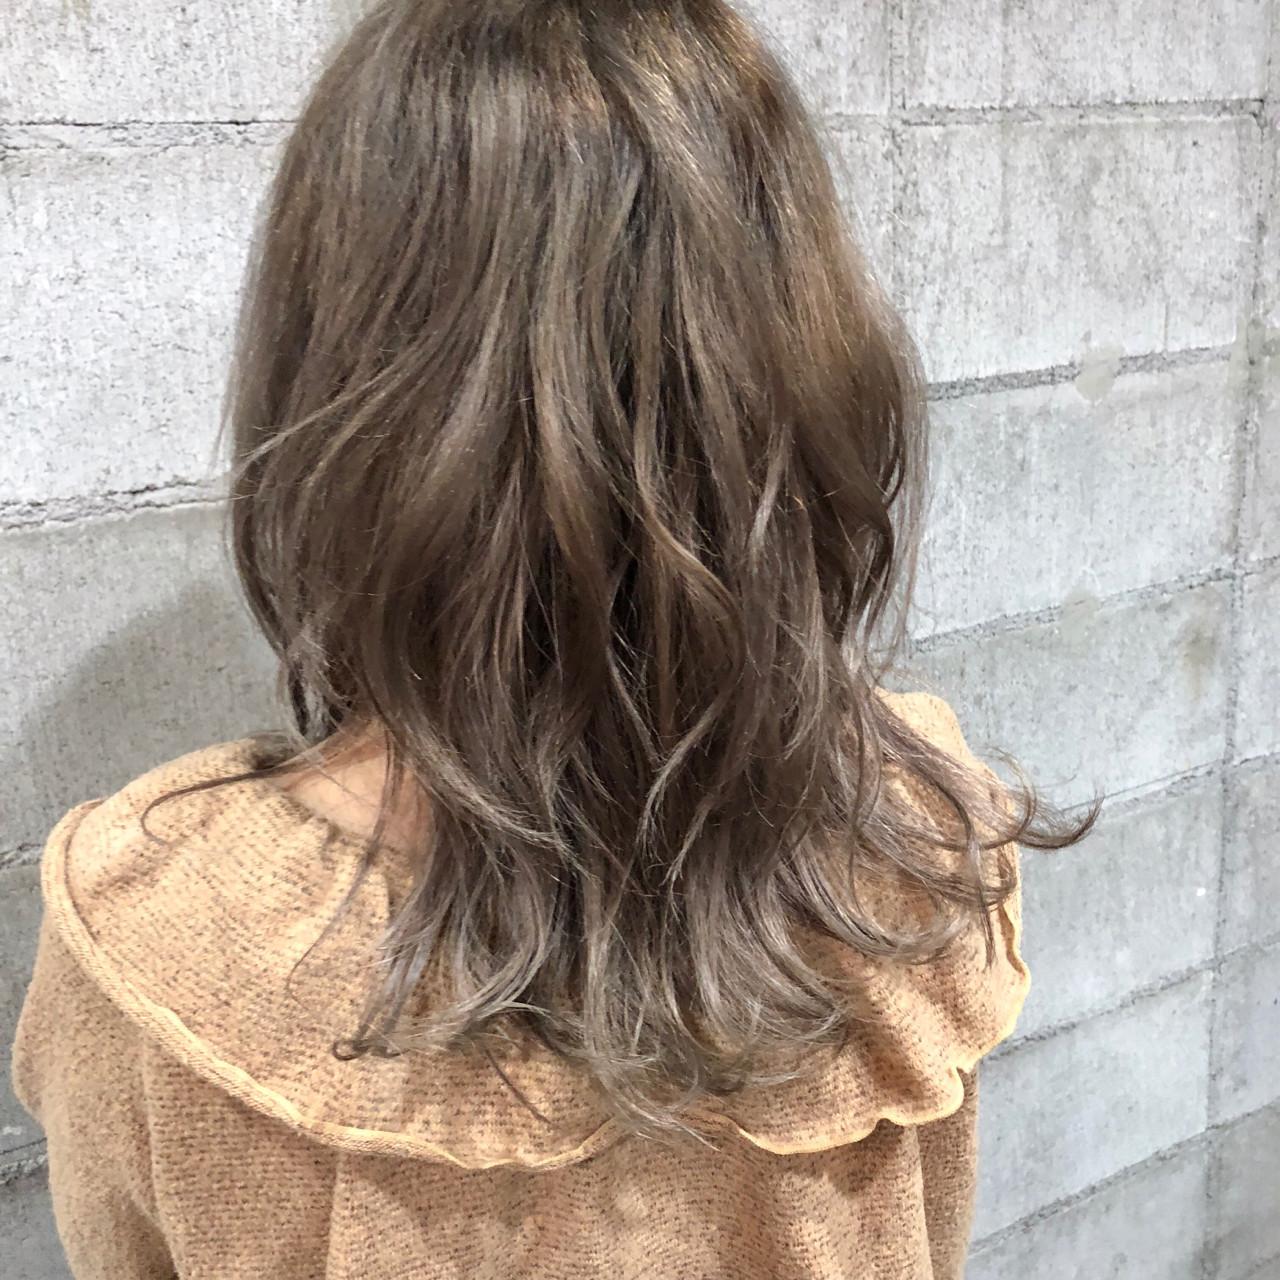 ウェーブ グラデーションカラー ロング ナチュラル ヘアスタイルや髪型の写真・画像